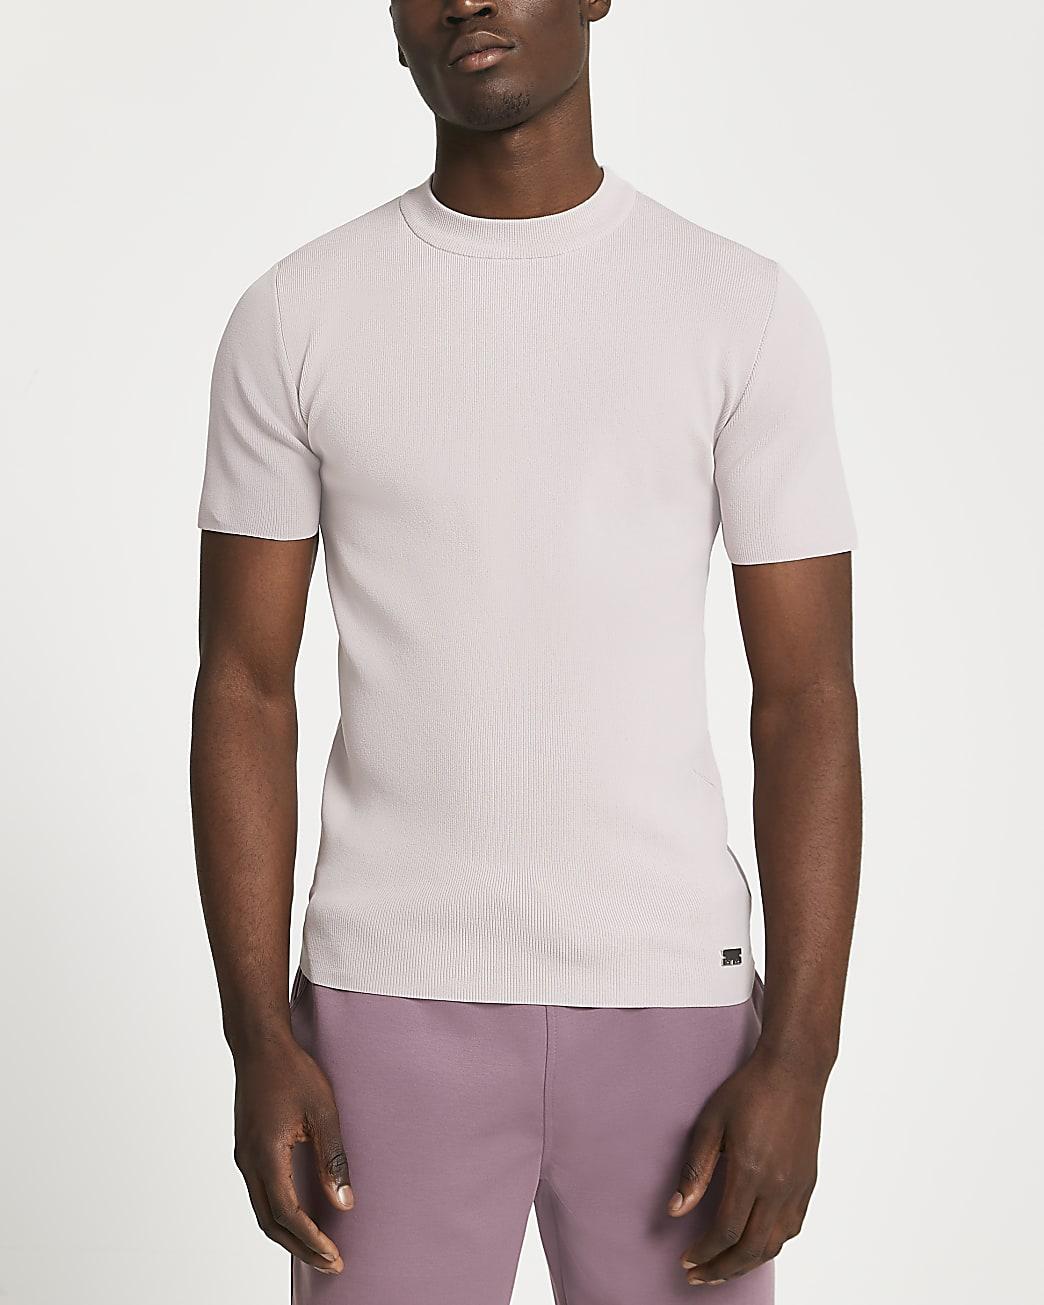 Pink slim fit smart knit t-shirt